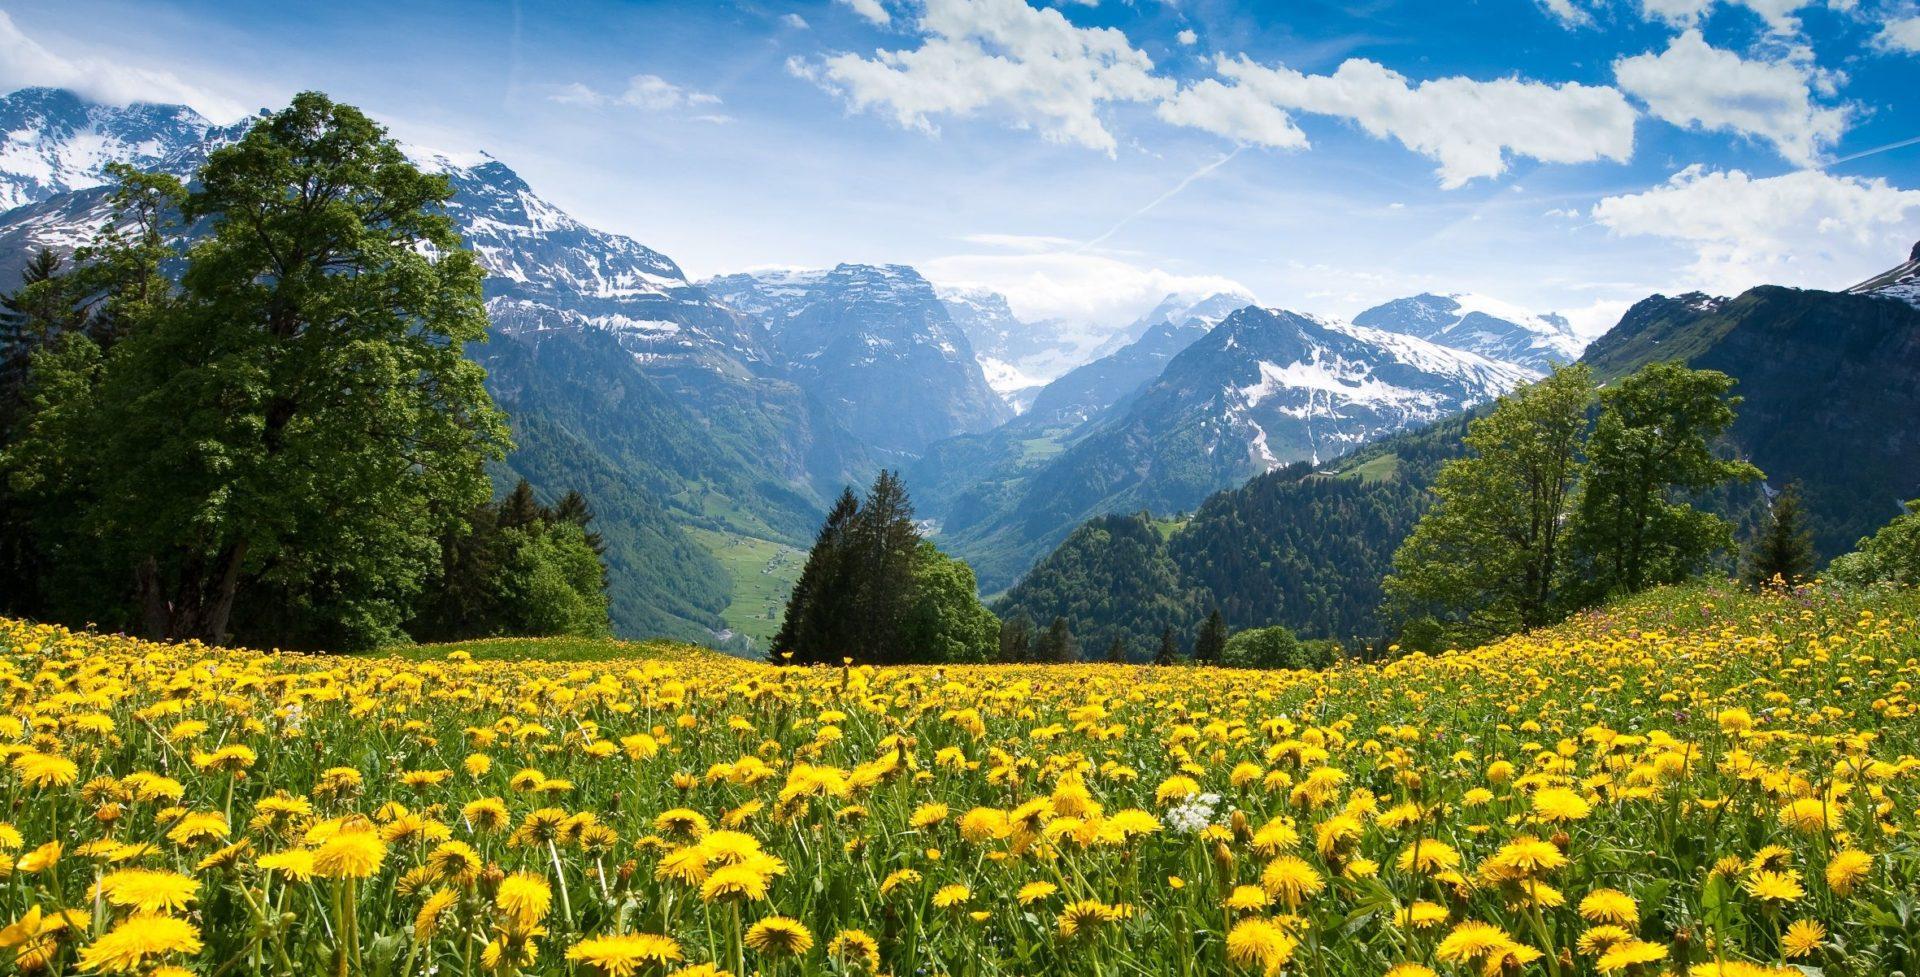 Risultati immagini per immagini primavera montagna